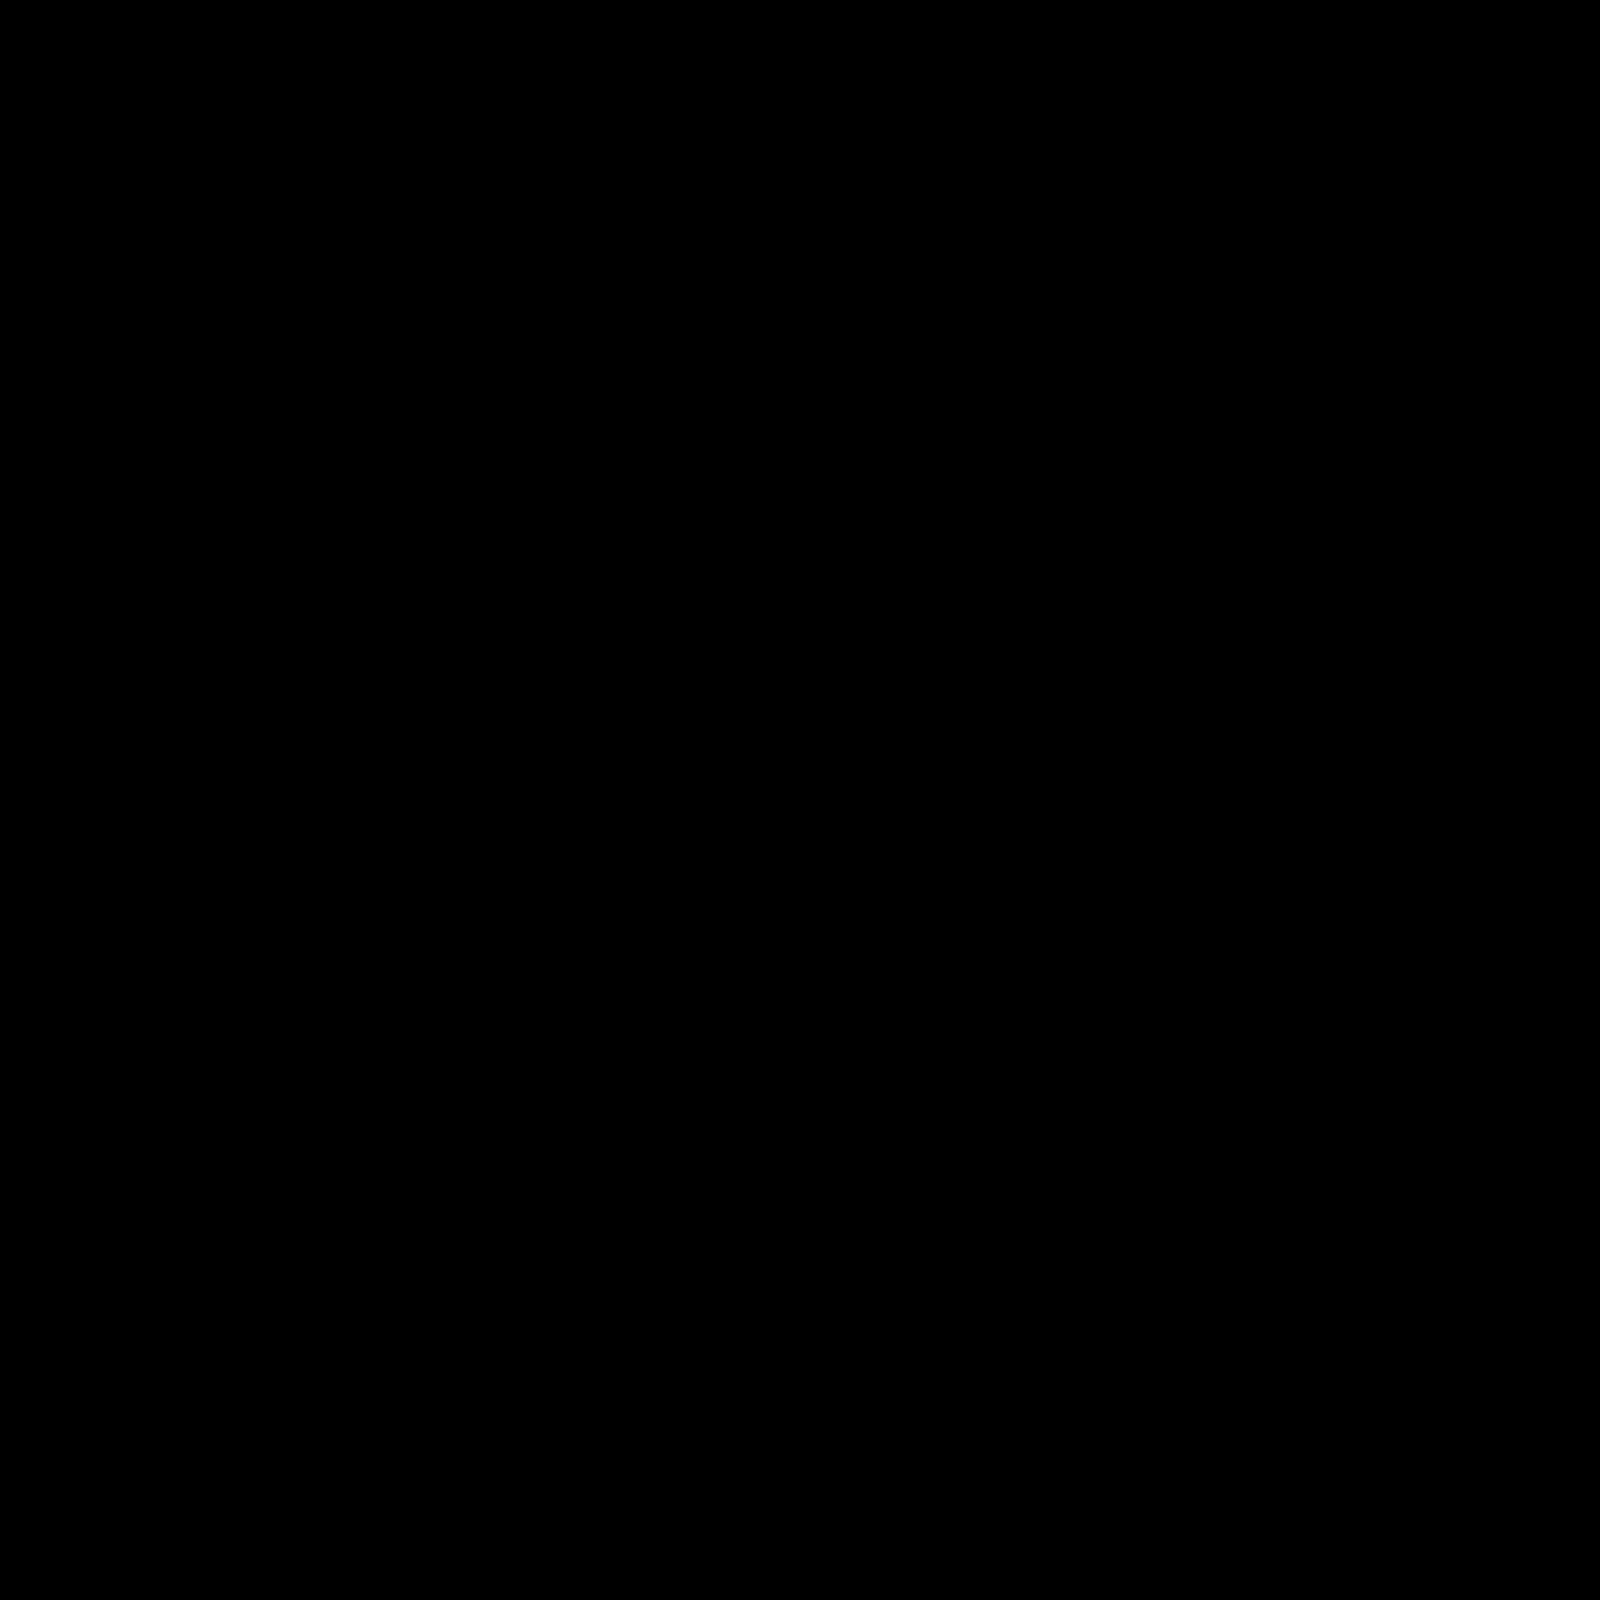 除雪トラック icon. This icon depicts a snow plow truck. The truck is facing the viewer and has a plow, rear view mirrors, headlights, and a light on top showing.